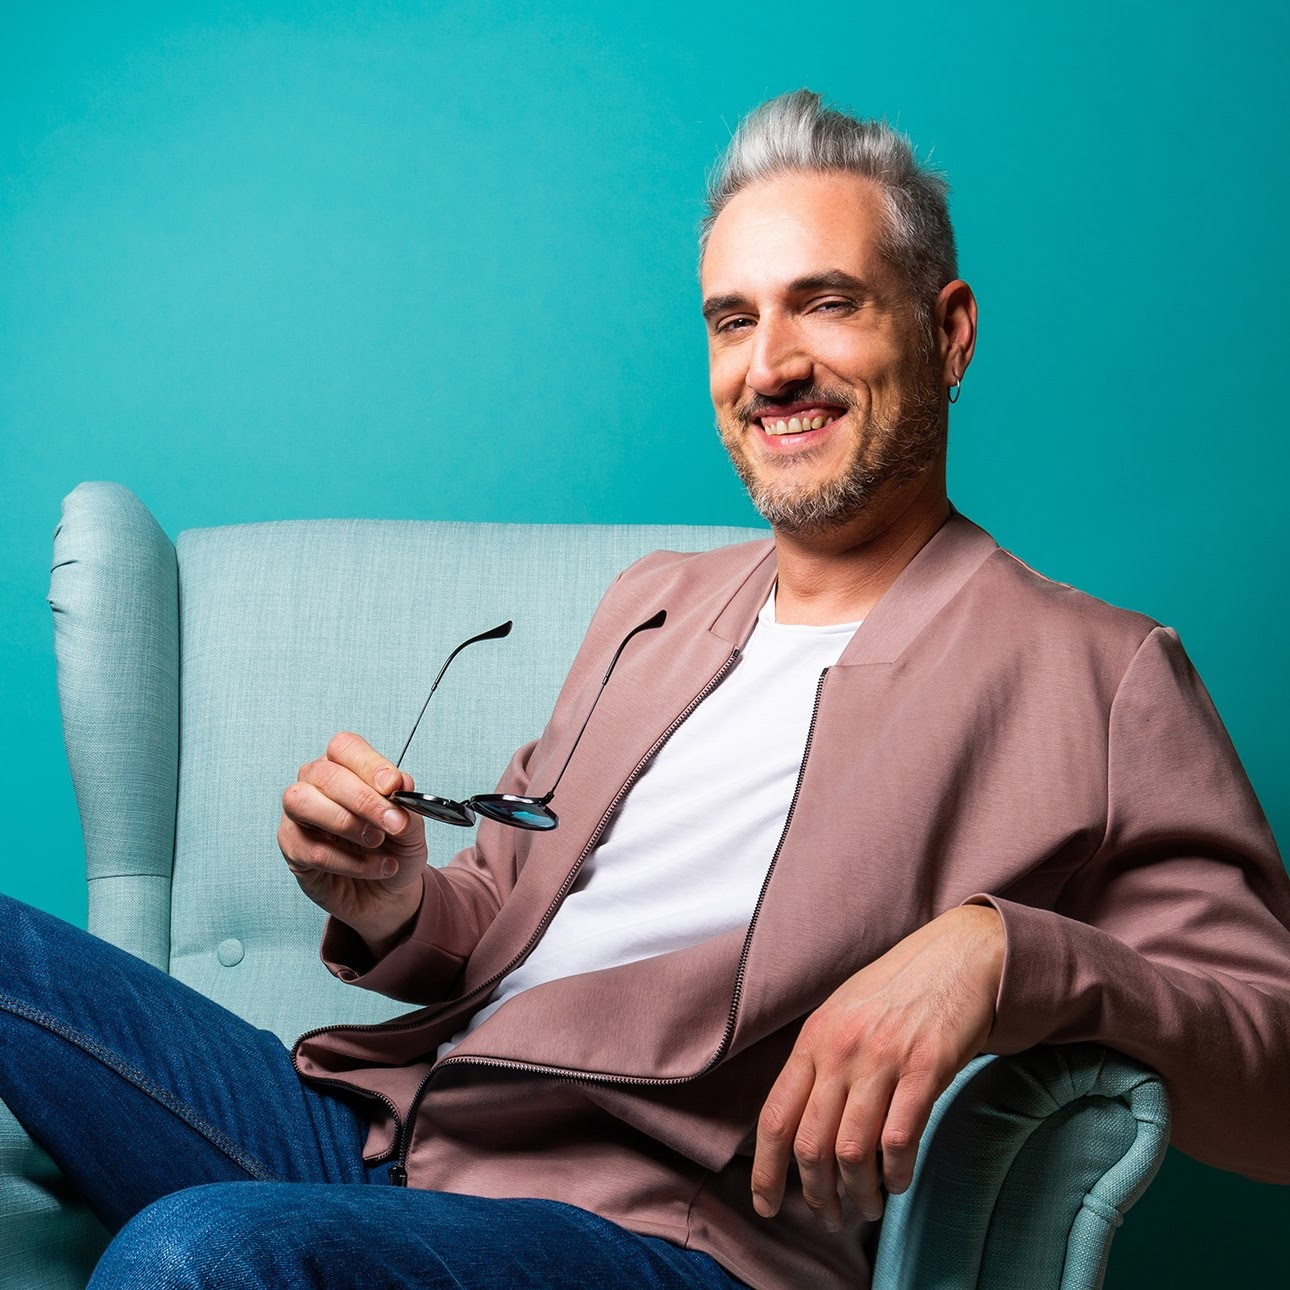 Alessandro Gerbino cuoco e foodblogger di Chezuppa.com